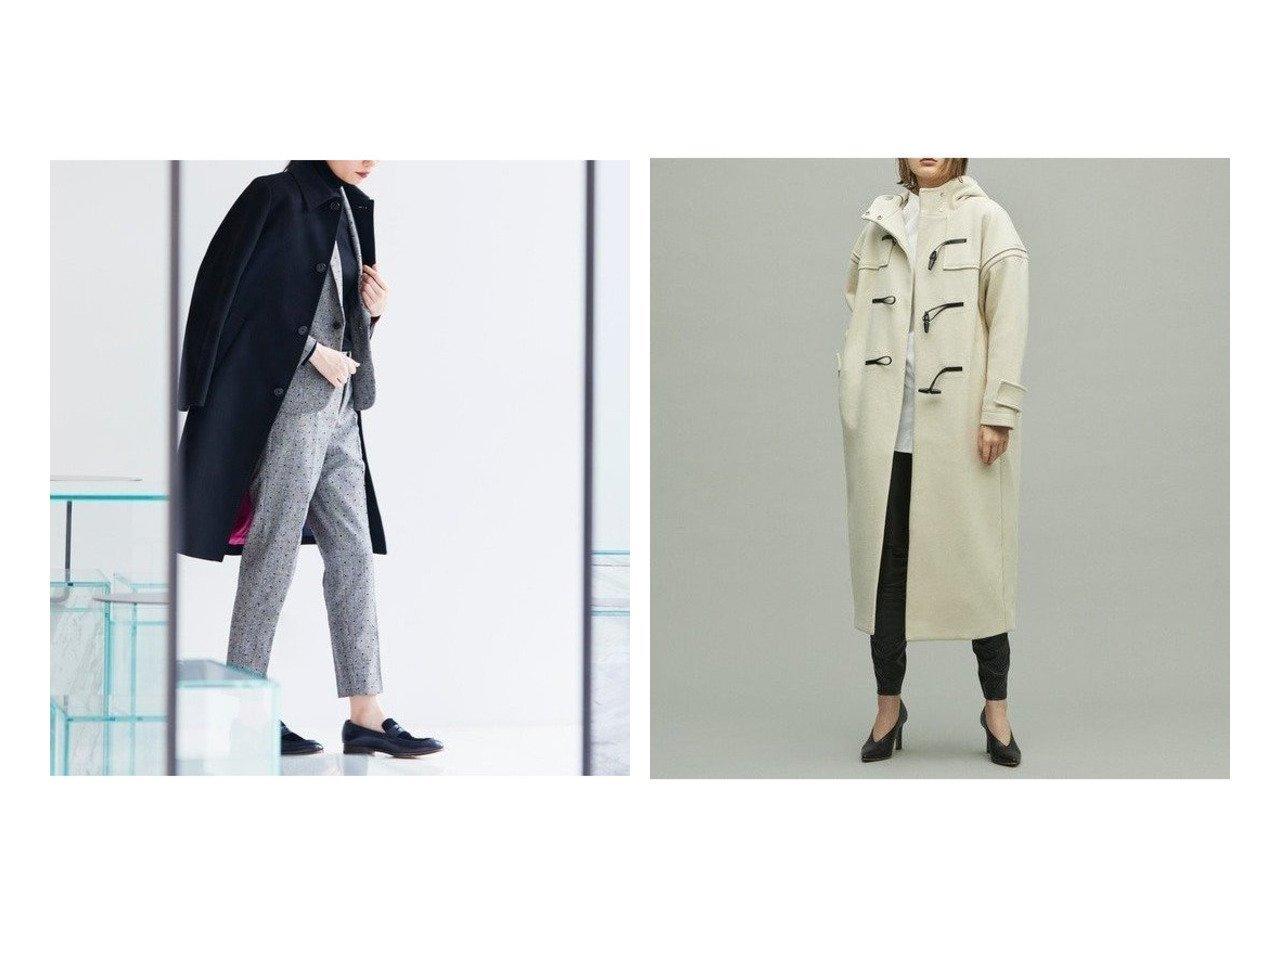 【uncrave/アンクレイヴ】の【Marisol12月号掲載】プルーフメルトン ダッフルコート&【Paul Smith/ポール・スミス】のウールカシミア コート アウターのおすすめ!人気、レディースファッションの通販 おすすめで人気のファッション通販商品 インテリア・家具・キッズファッション・メンズファッション・レディースファッション・服の通販 founy(ファニー) https://founy.com/ 雑誌掲載アイテム Magazine items ファッション雑誌 Fashion magazines マリソル Marisol ノンノ non-no オトナミューズ otona MUSE 男性雑誌 Men's Fashion Magazin ファッションモデル・俳優・女優 Models 女性 Women 竹下玲奈 Takeshita Rena 西野七瀬 Nishino Nanase ファッション Fashion レディース WOMEN アウター Coat Outerwear コート Coats ジャケット Jackets ダッフルコート Duffle Coats カシミア カシミヤ クラシック コレクション シンプル ジャケット スリーブ 定番 プリント モチーフ ライナー 秋冬 A/W Autumn/ Winter ダッフルコート ドット |ID:crp329100000001015